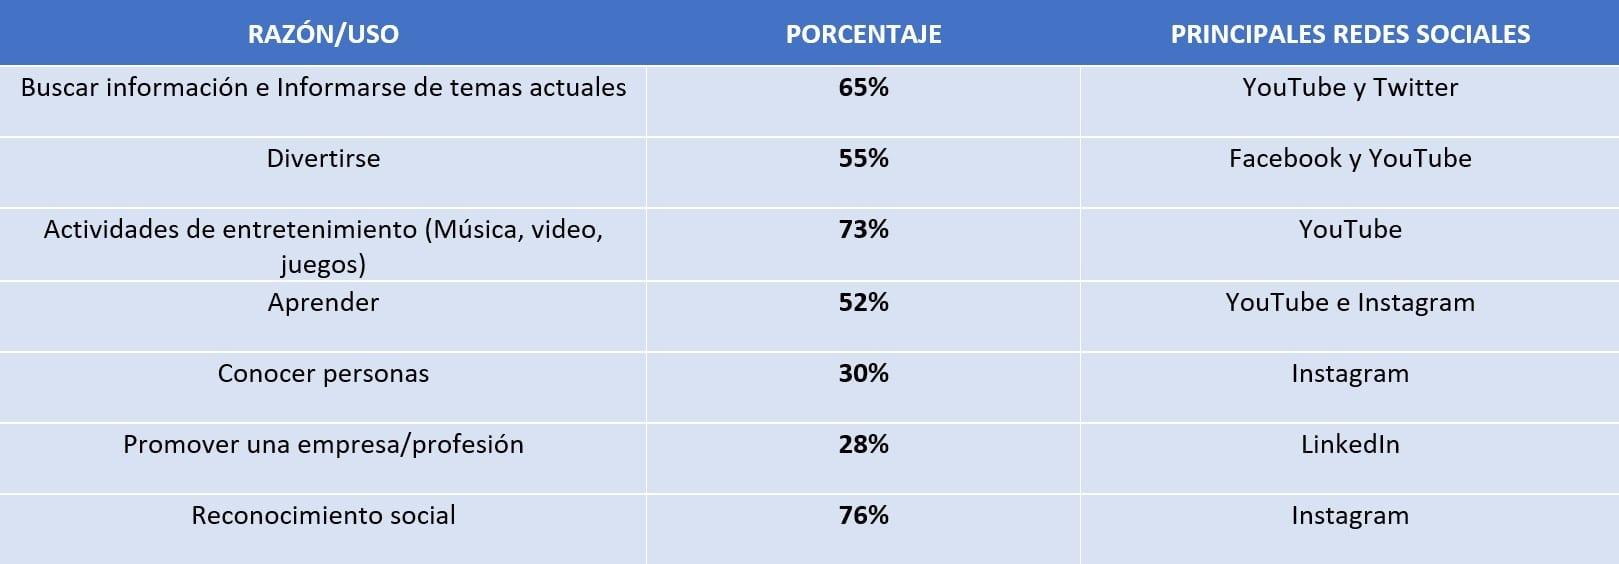 tabla usos frecuentes en redes sociales 2heart